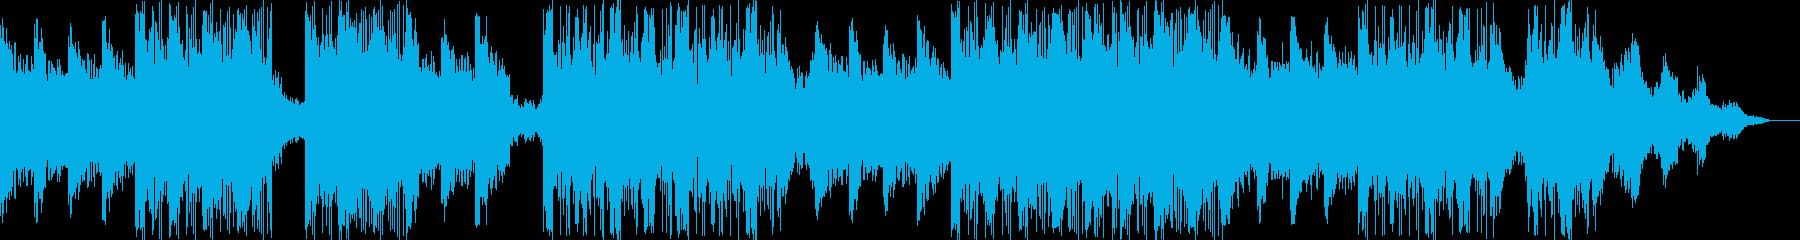 オシャレでダークなピアノBGMの再生済みの波形